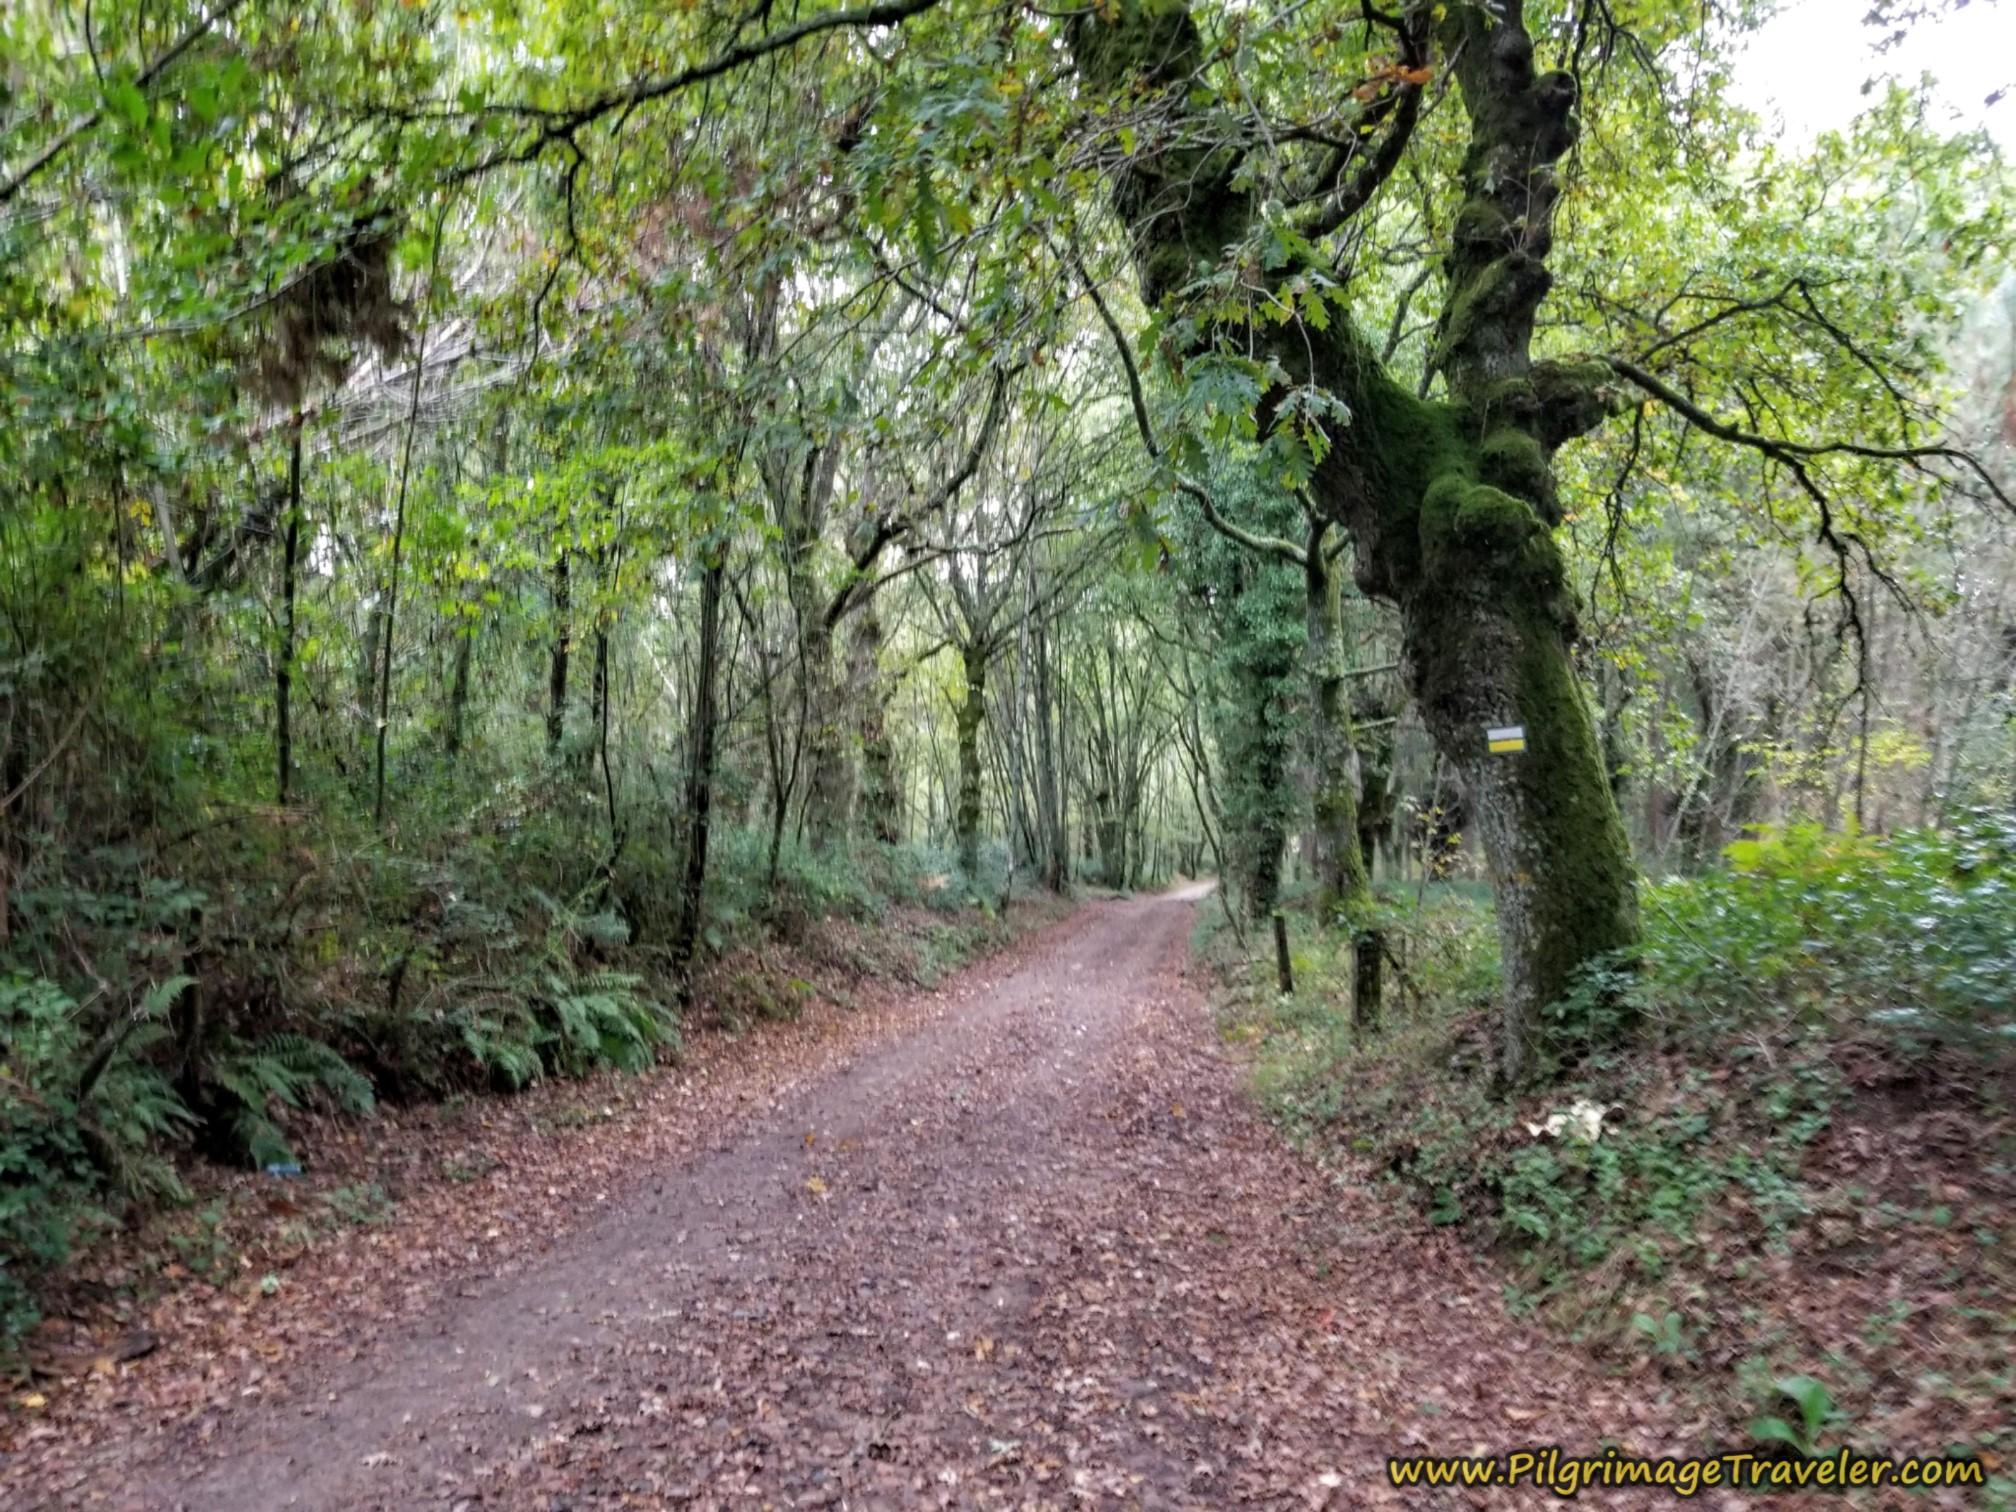 Another Forest Section on the Camino Sanabrés, Estación de Lalín to Bandeira